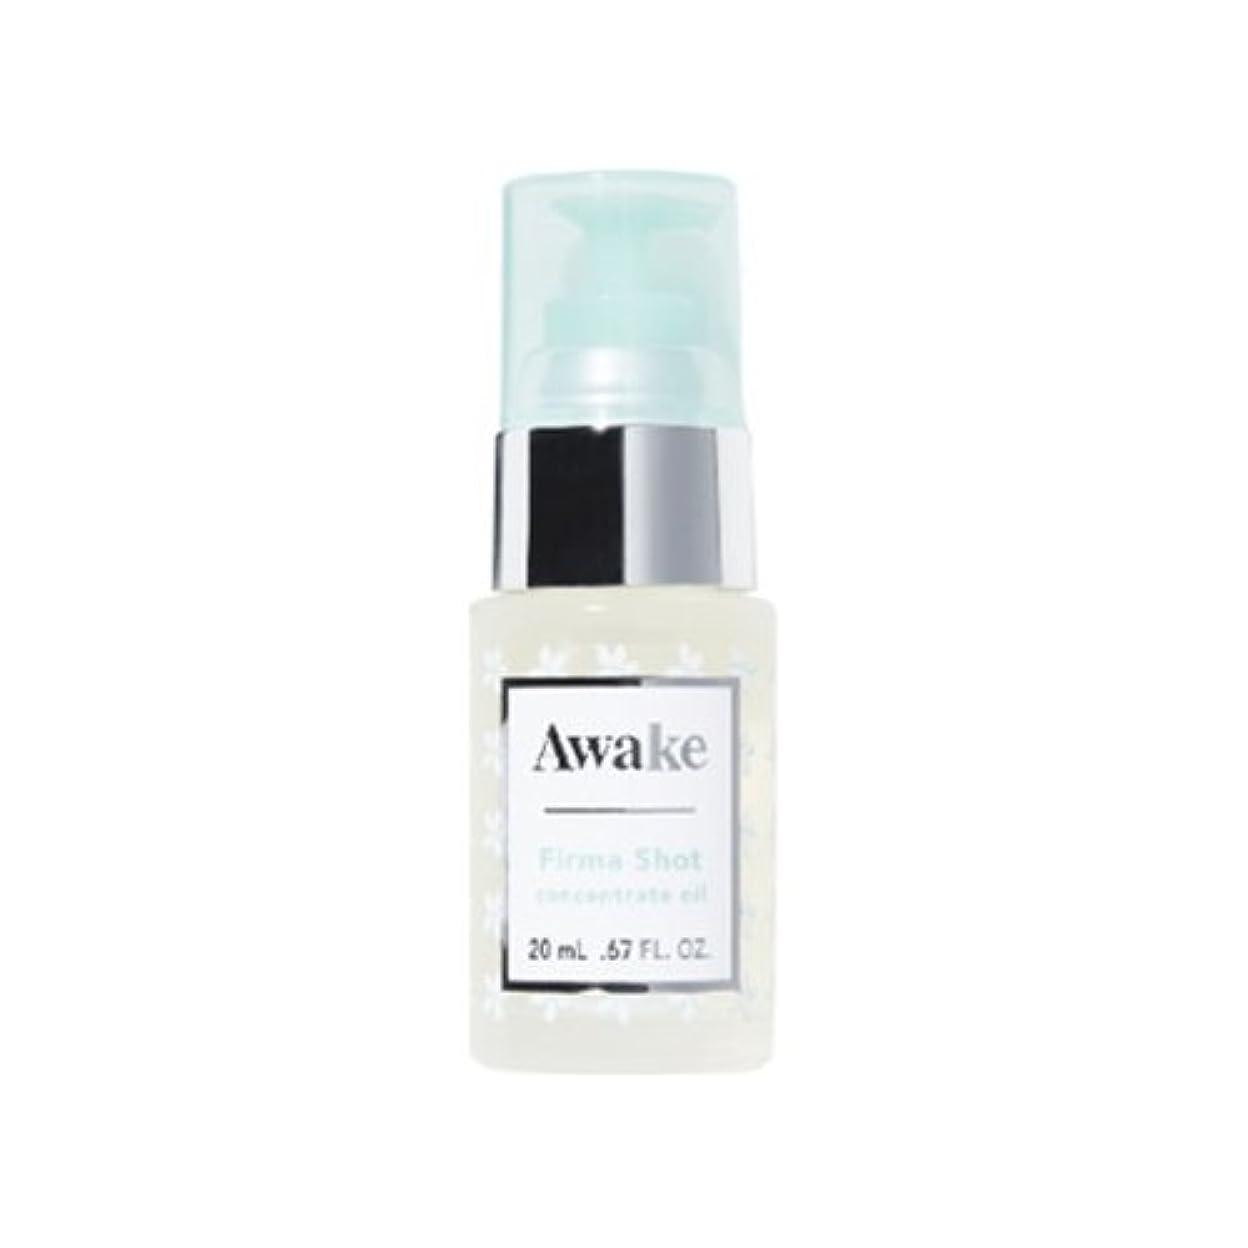 アウェイク(AWAKE) Awake(アウェイク) ファーマショット コンセントレイトオイル 〈美容オイル〉 (20mL)